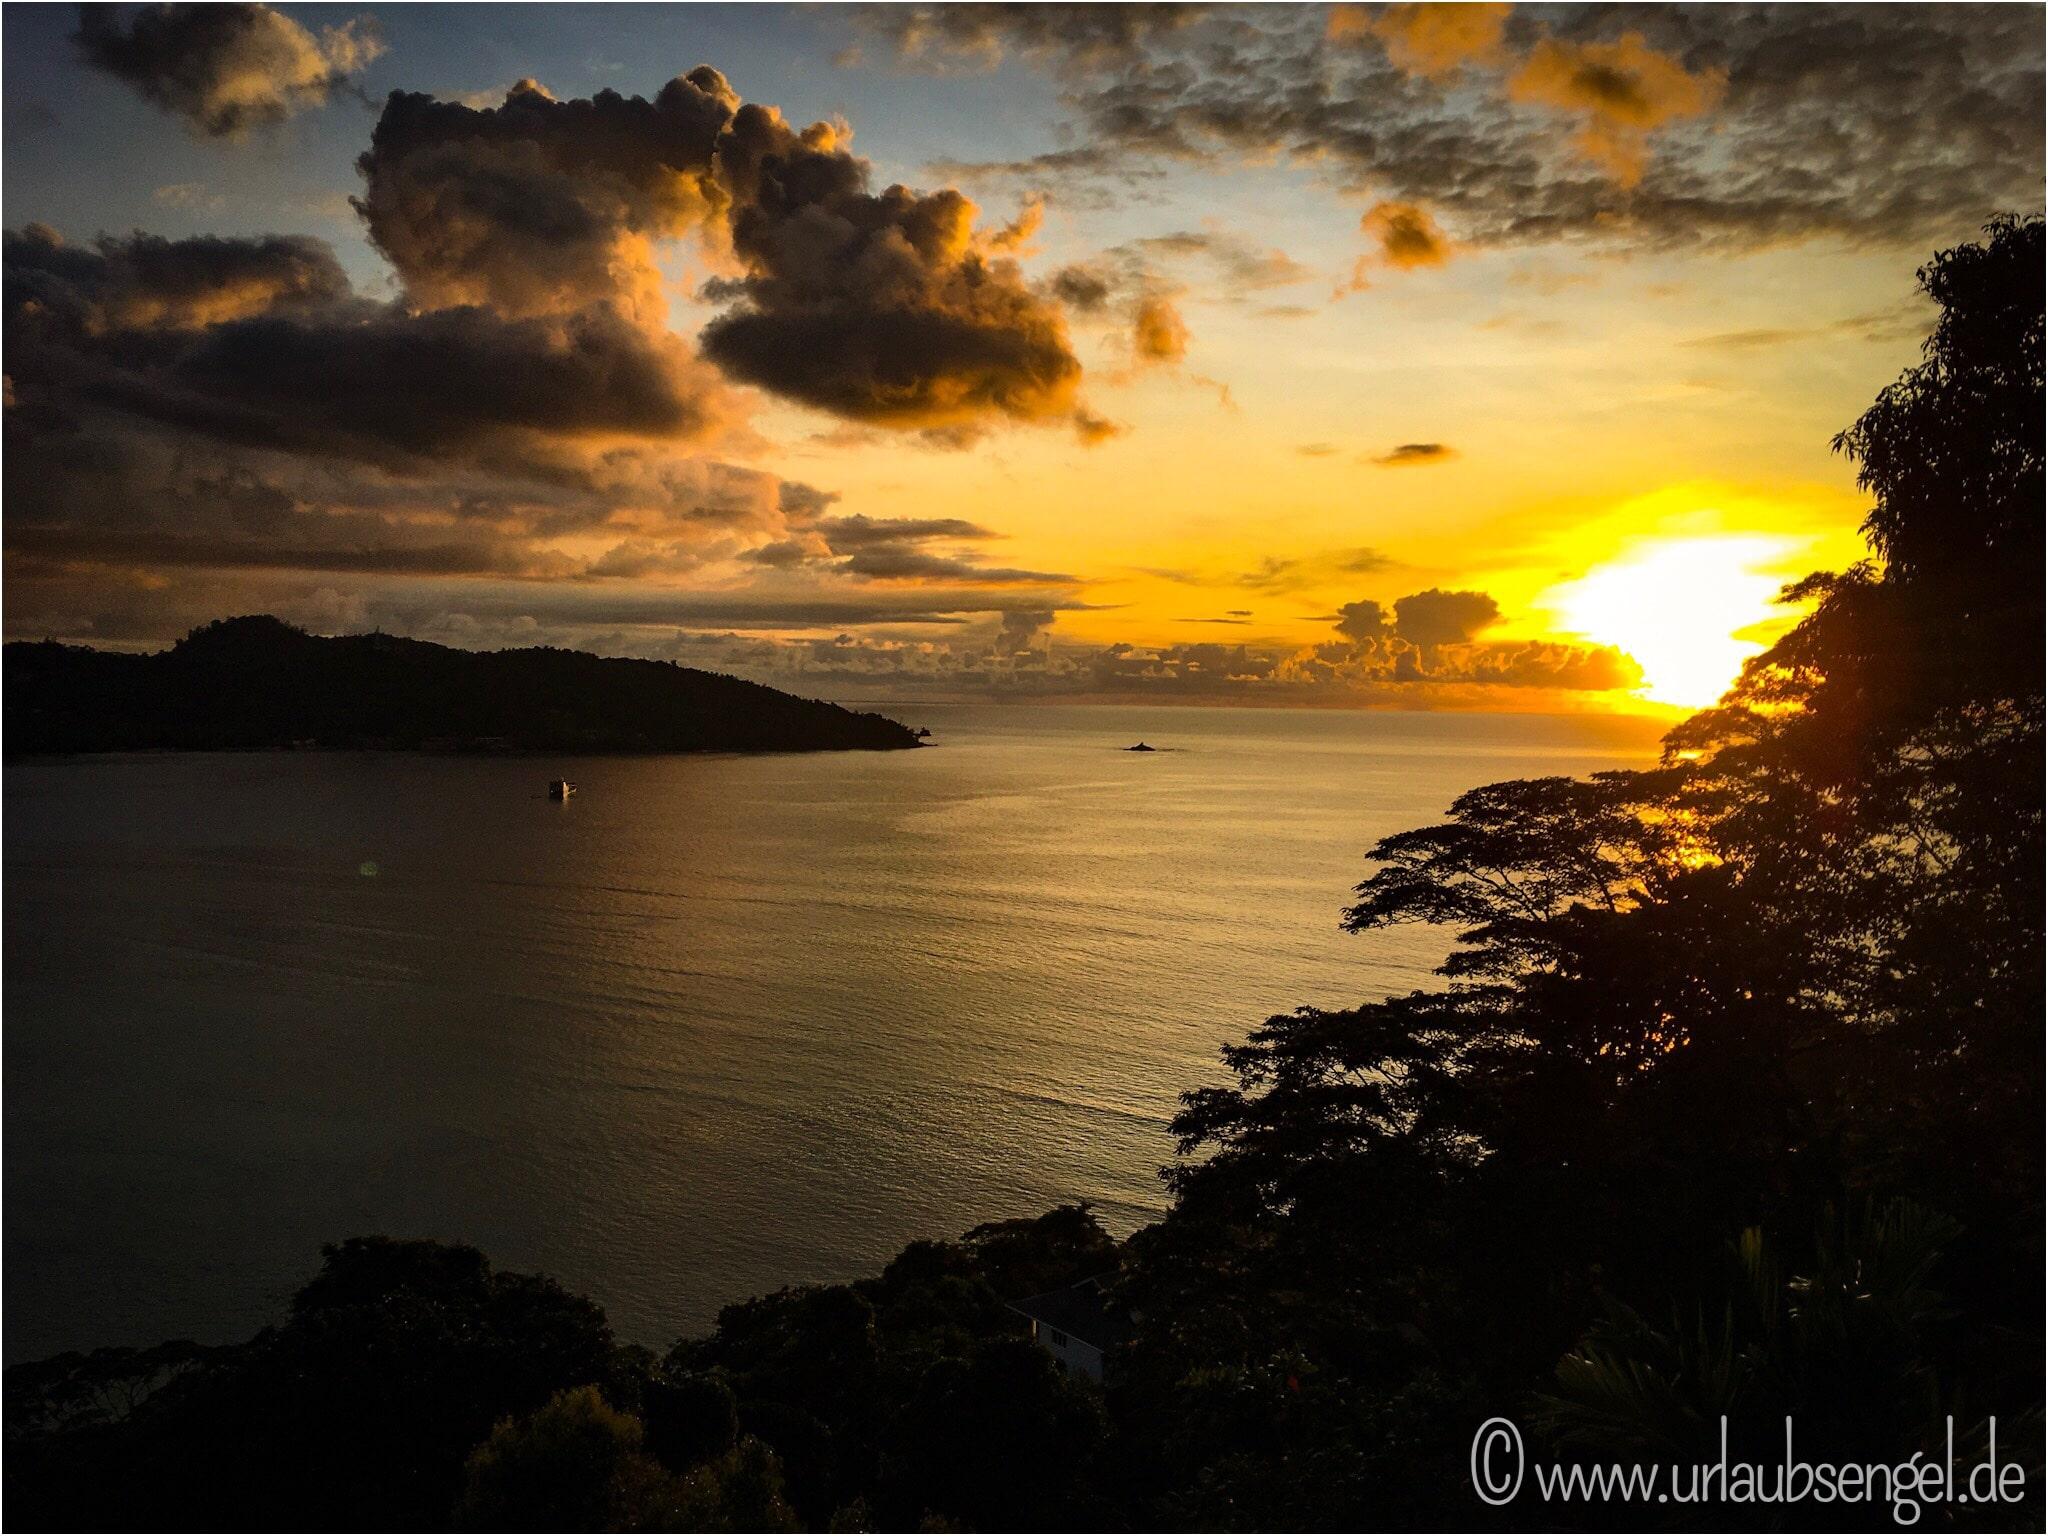 Mahé Seychellen, Sonnenuntergang